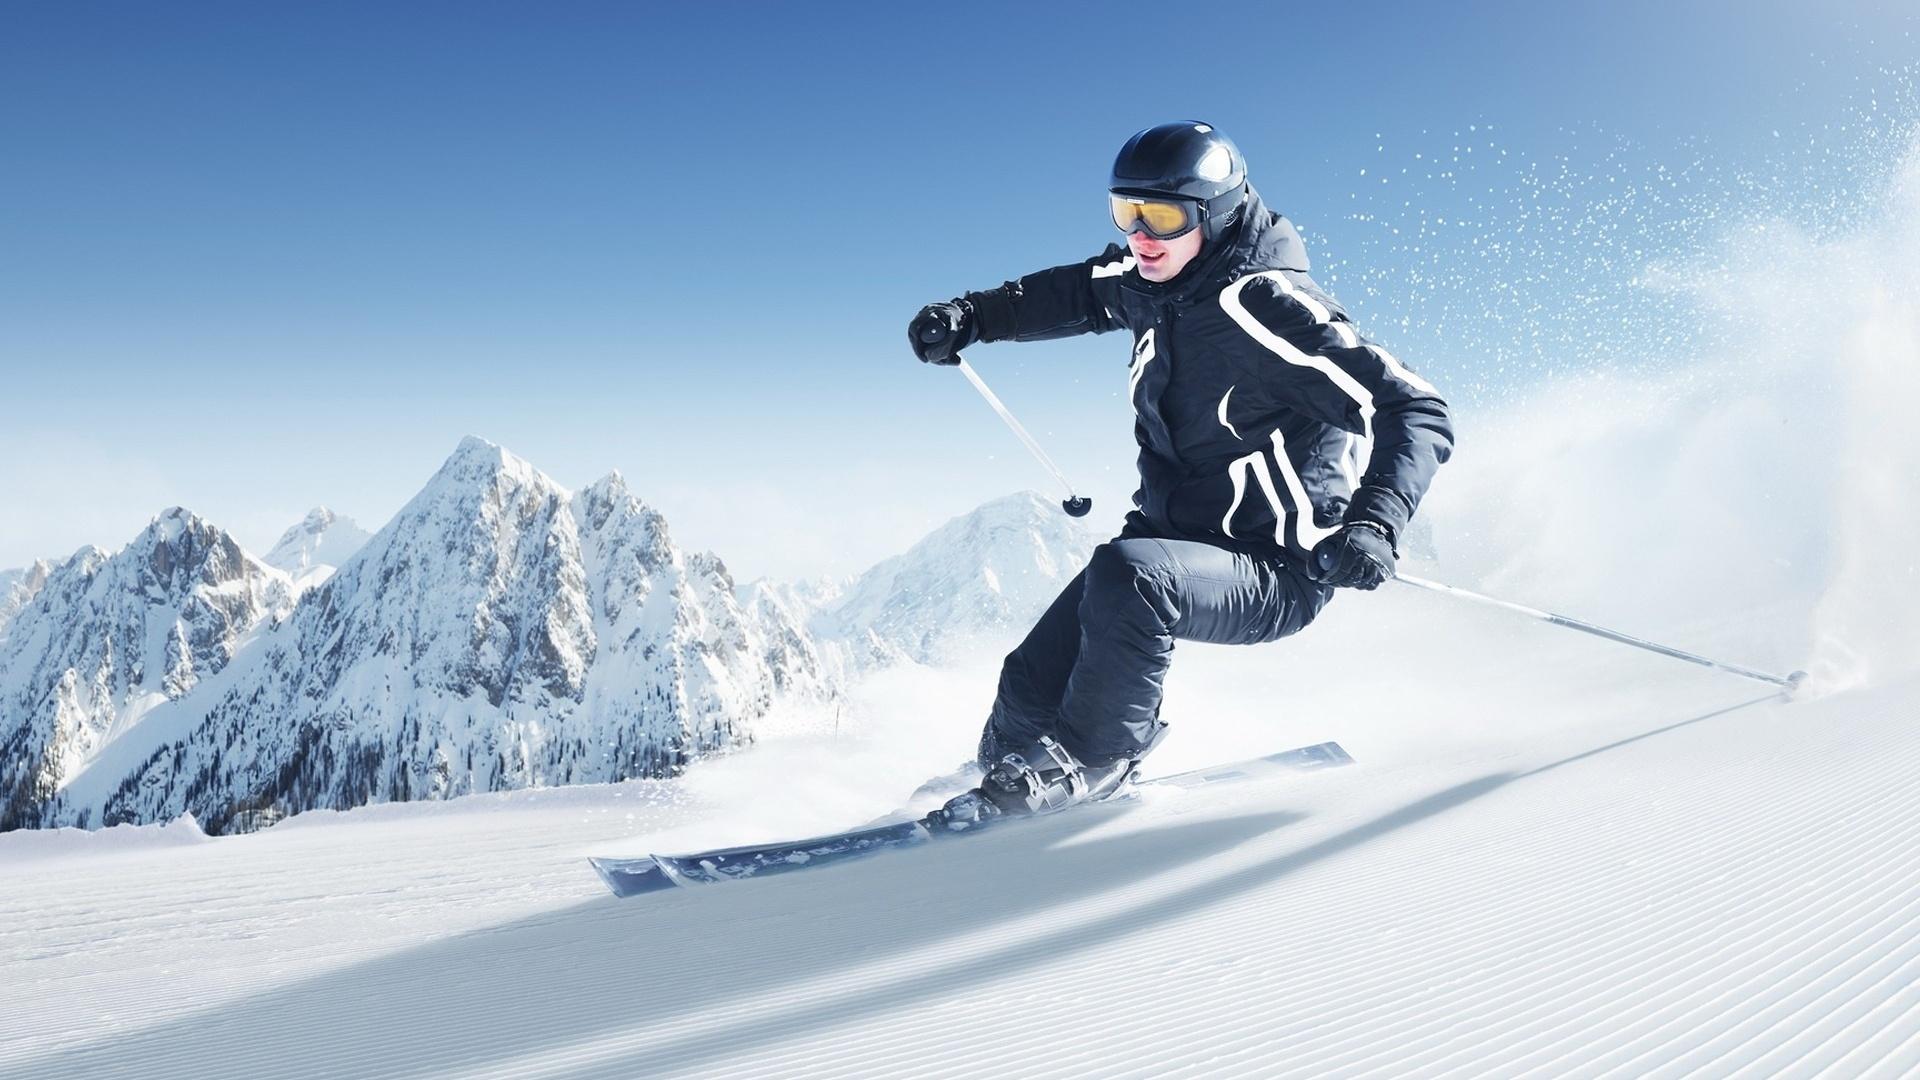 瑞士最佳滑雪场.jpg3